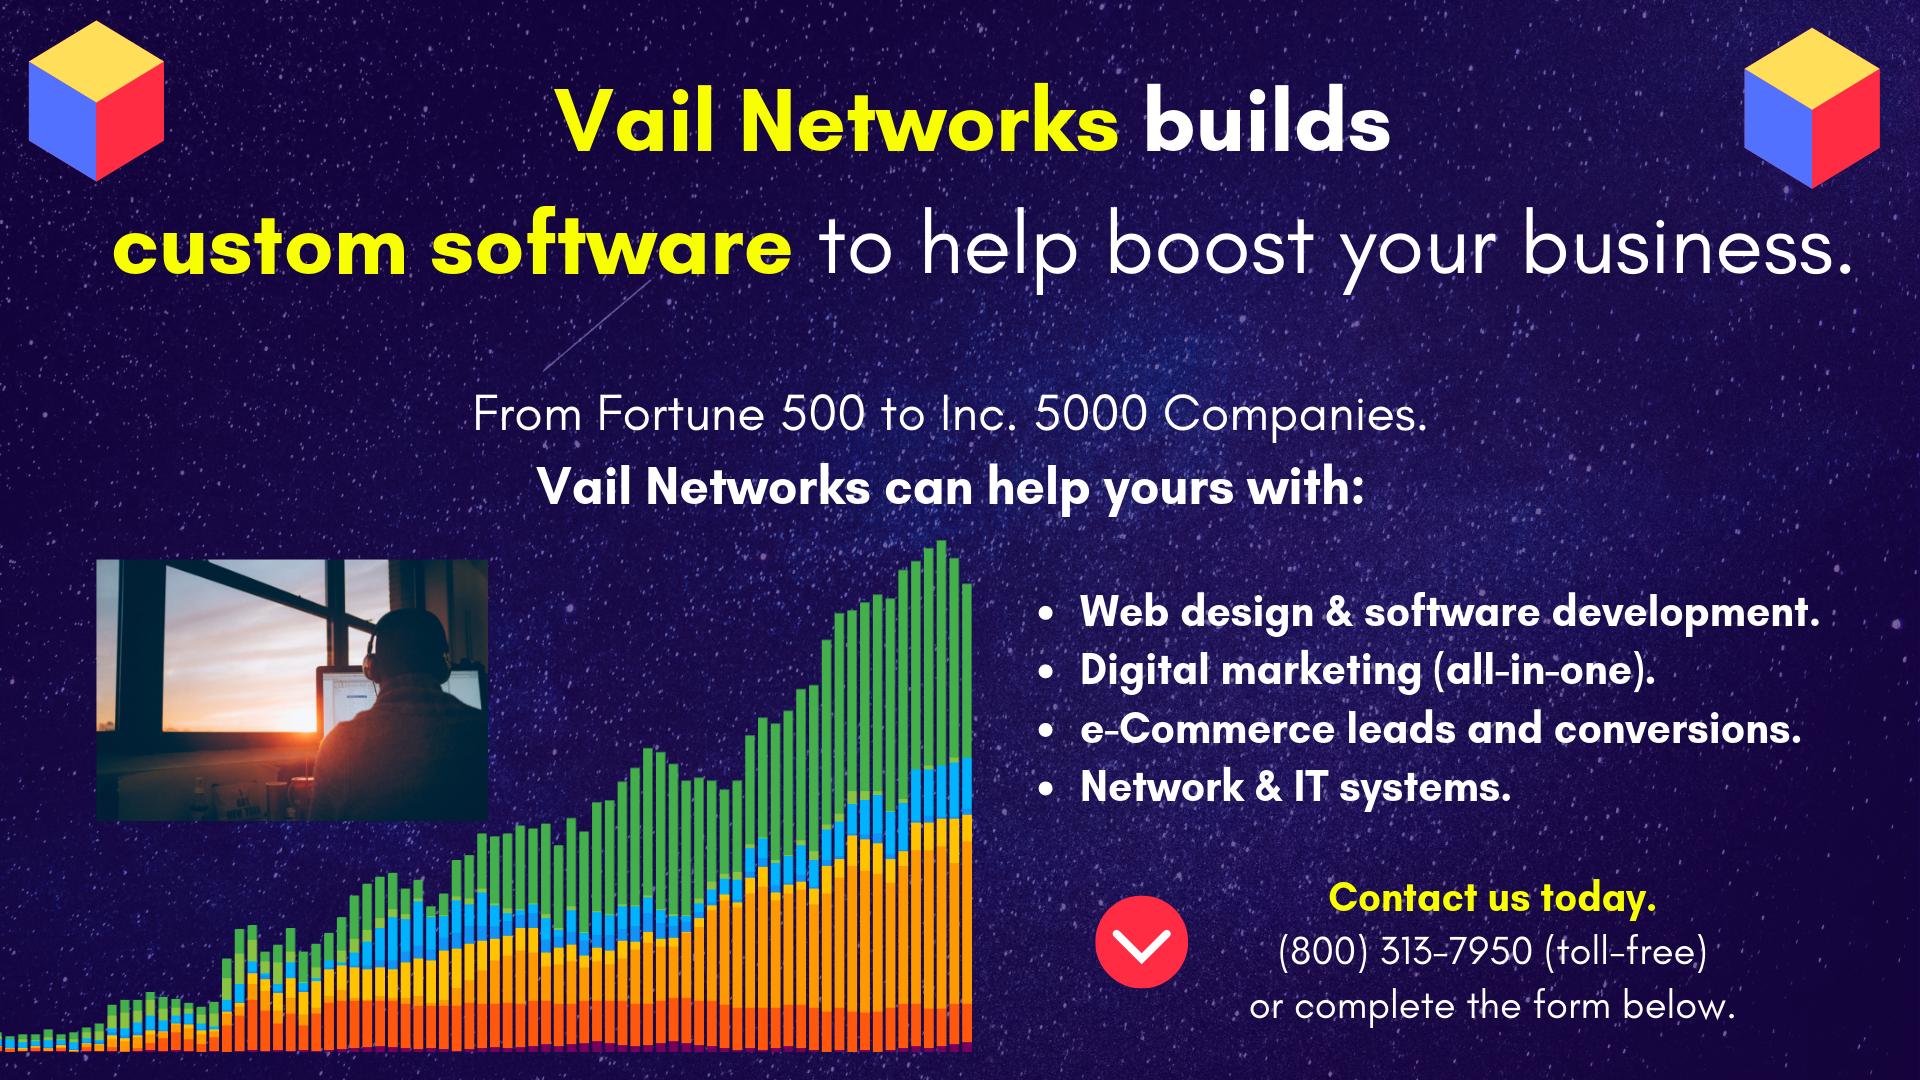 Company to help build custom software: vailnetworks.com